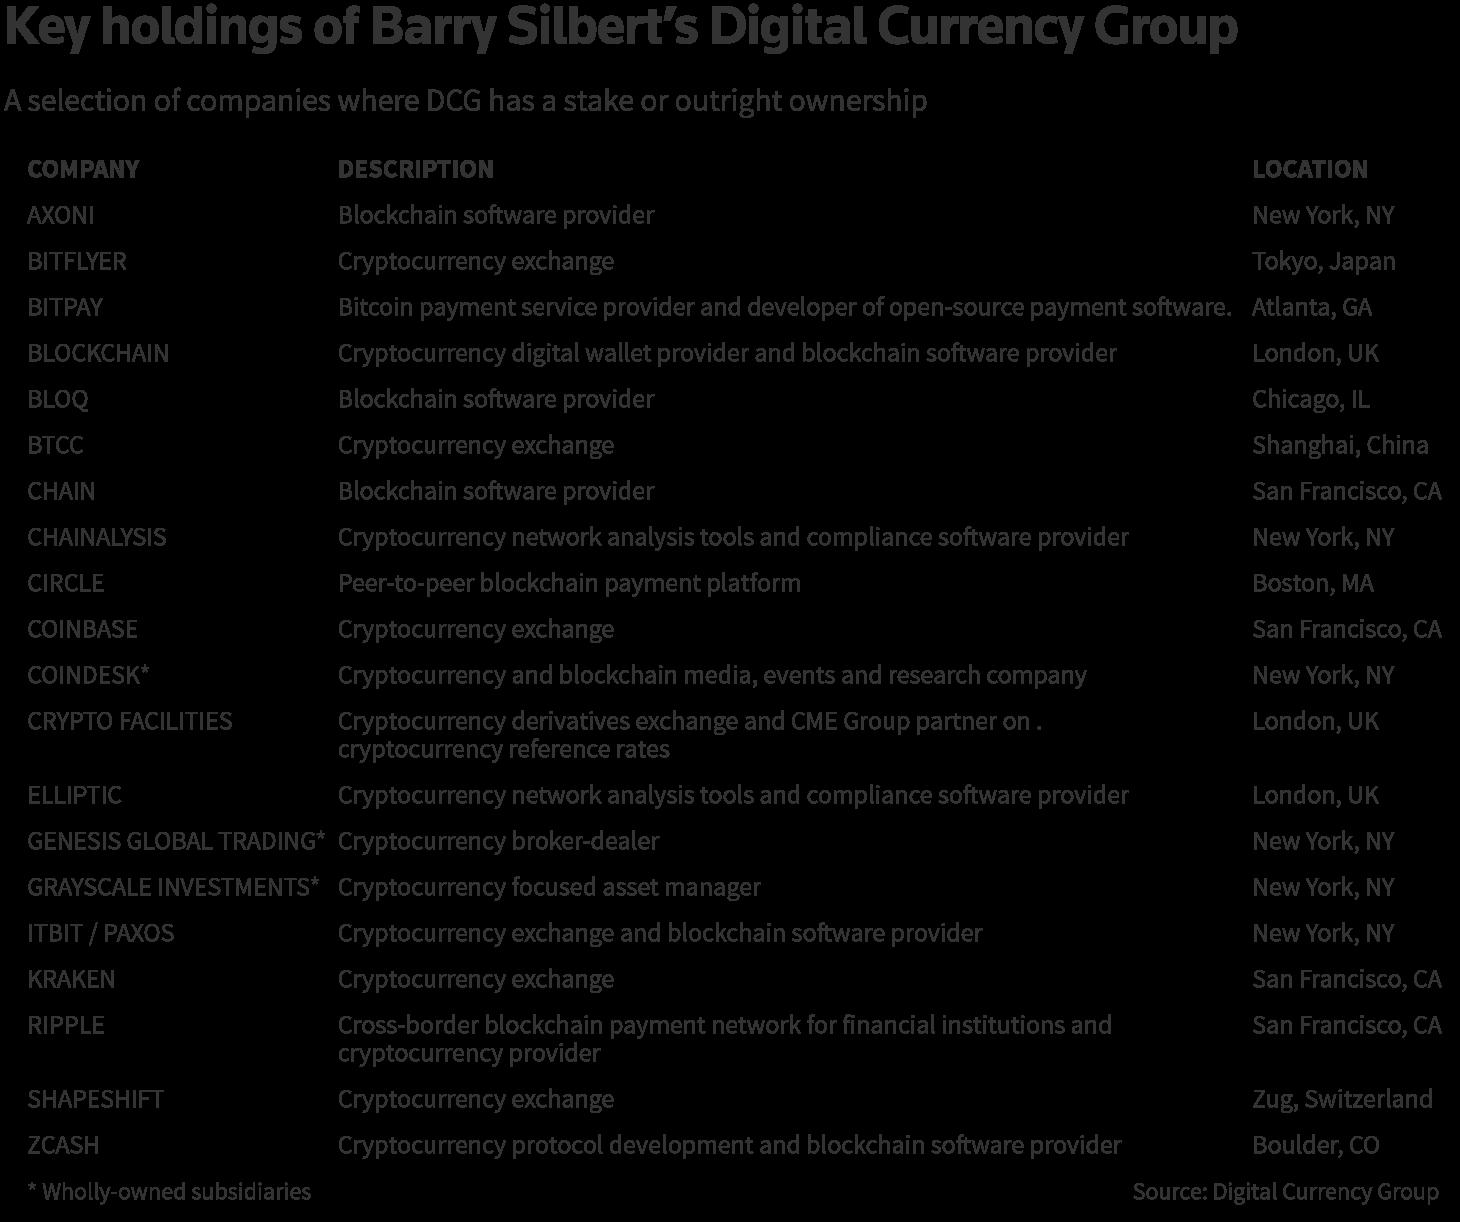 se puede comprar bitcoins en xapo